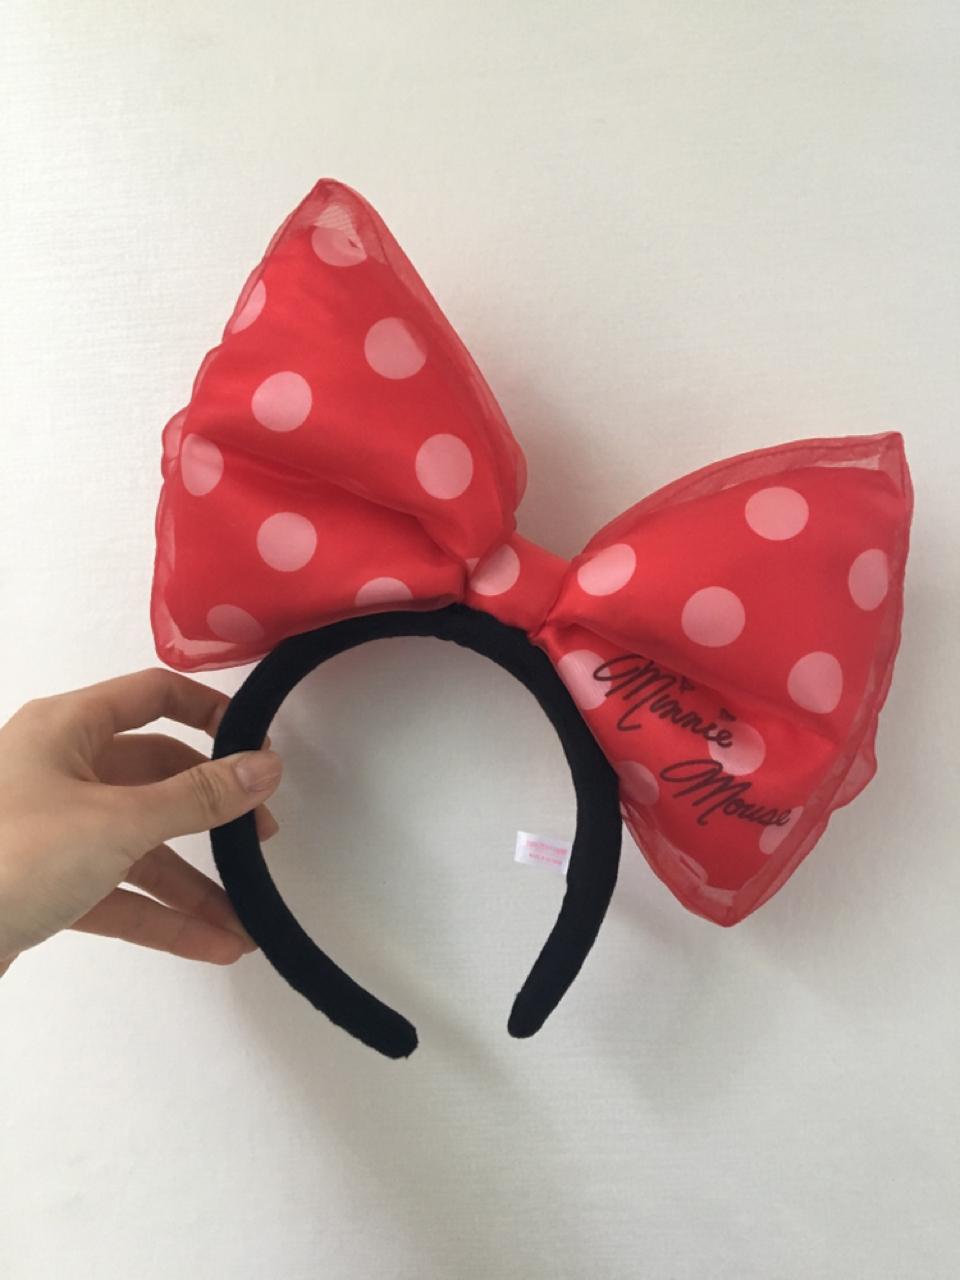 디즈니랜드 리본 머리띠